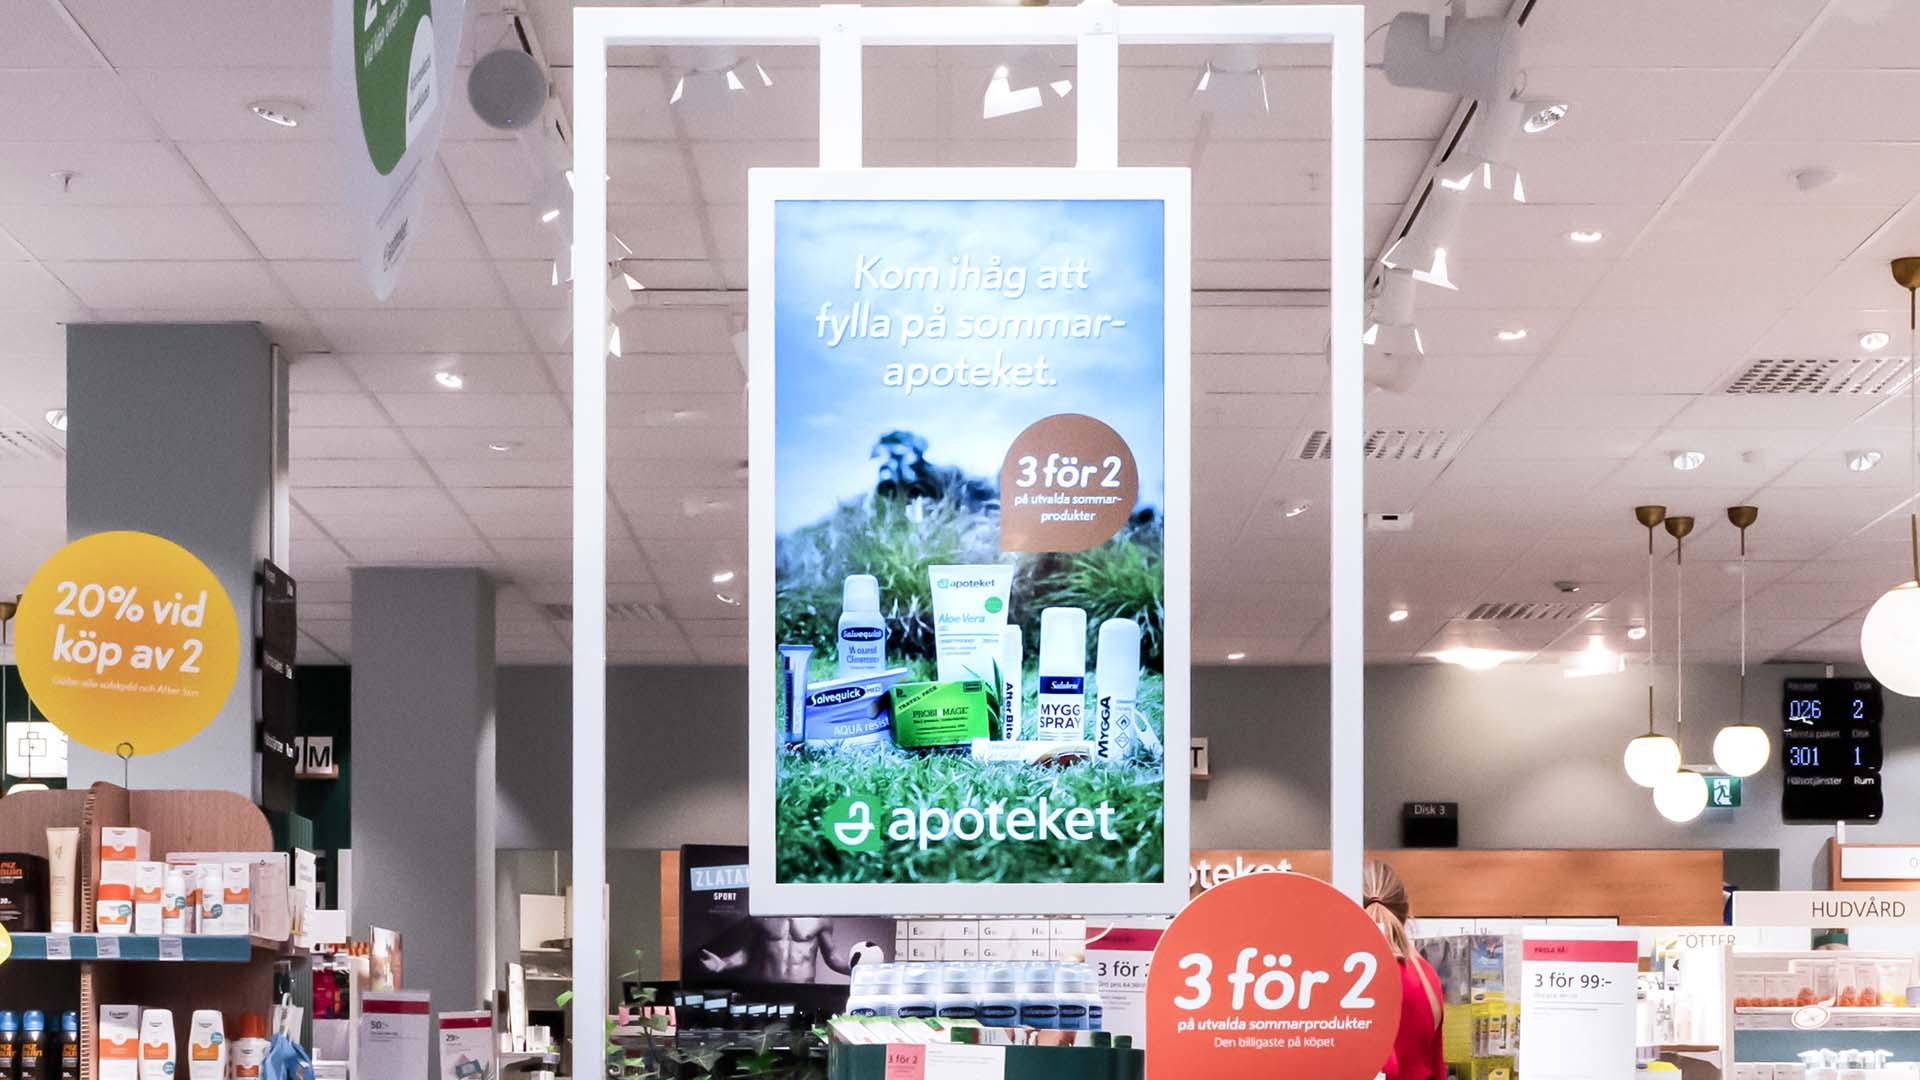 Den rörliga bilden av EWQs digitala skärmar väcker uppmärksamhet vid Apotekets kampanjbord.